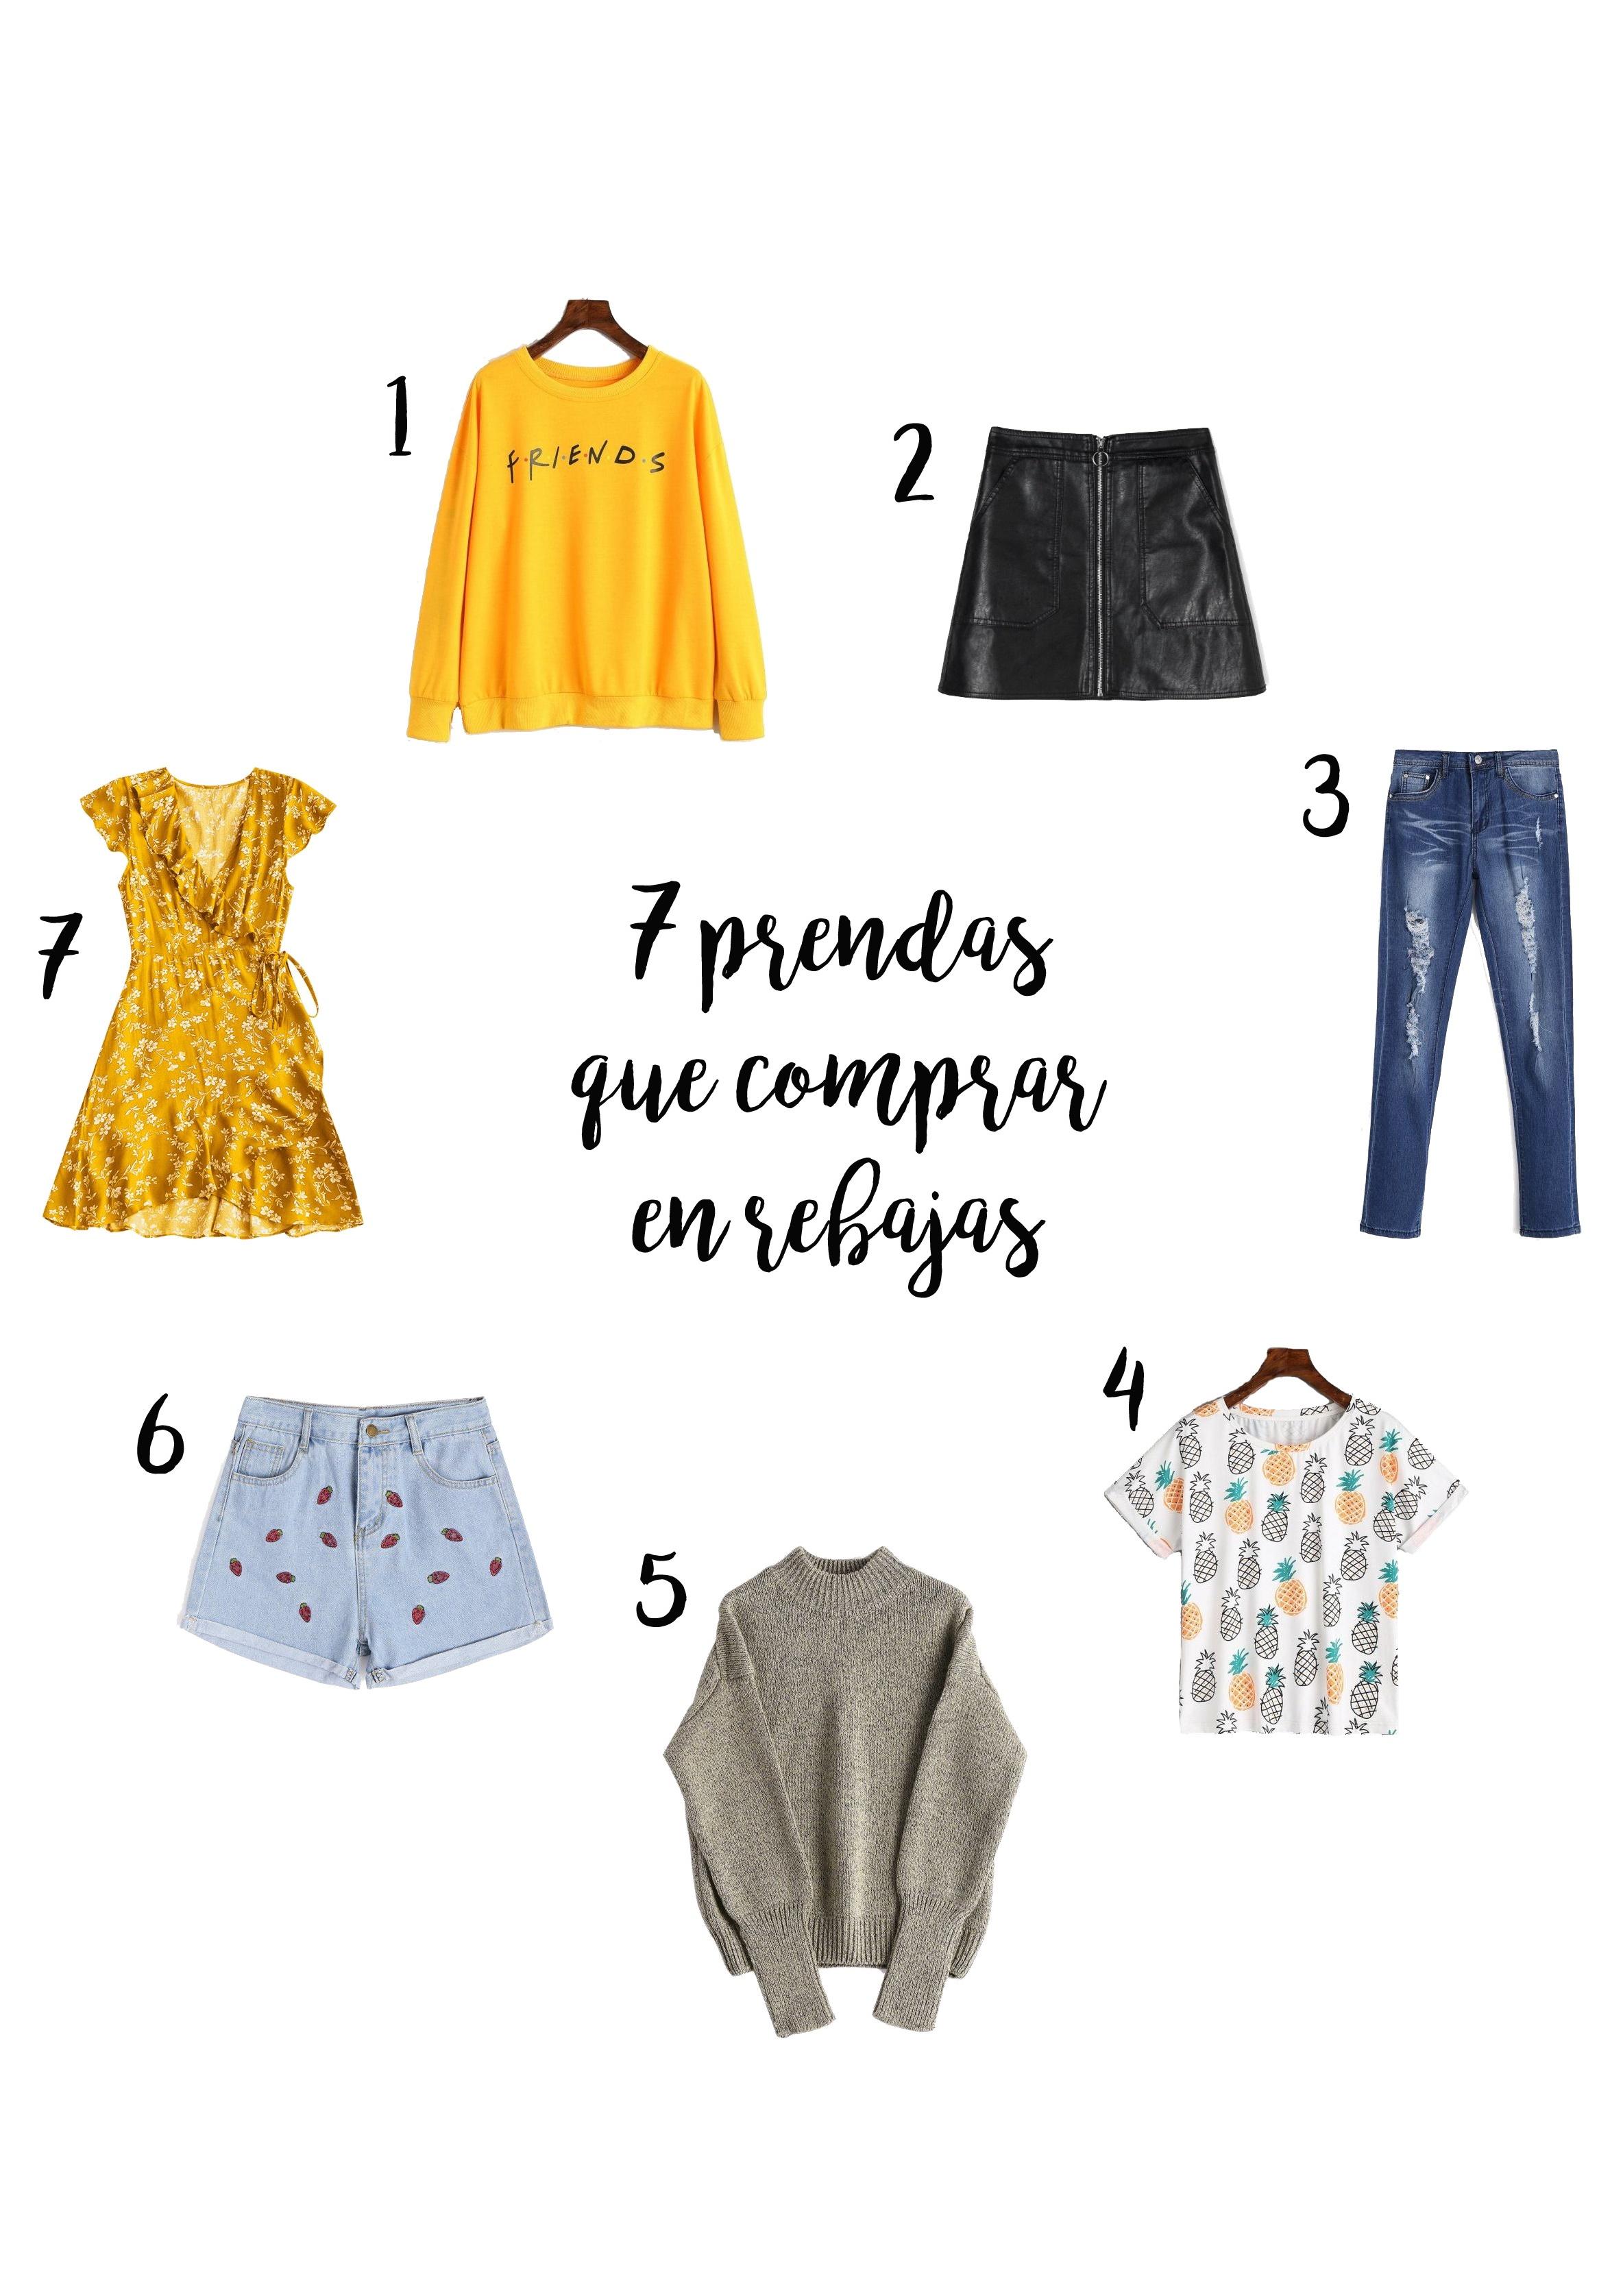 7 prendas que comprar en rebajas